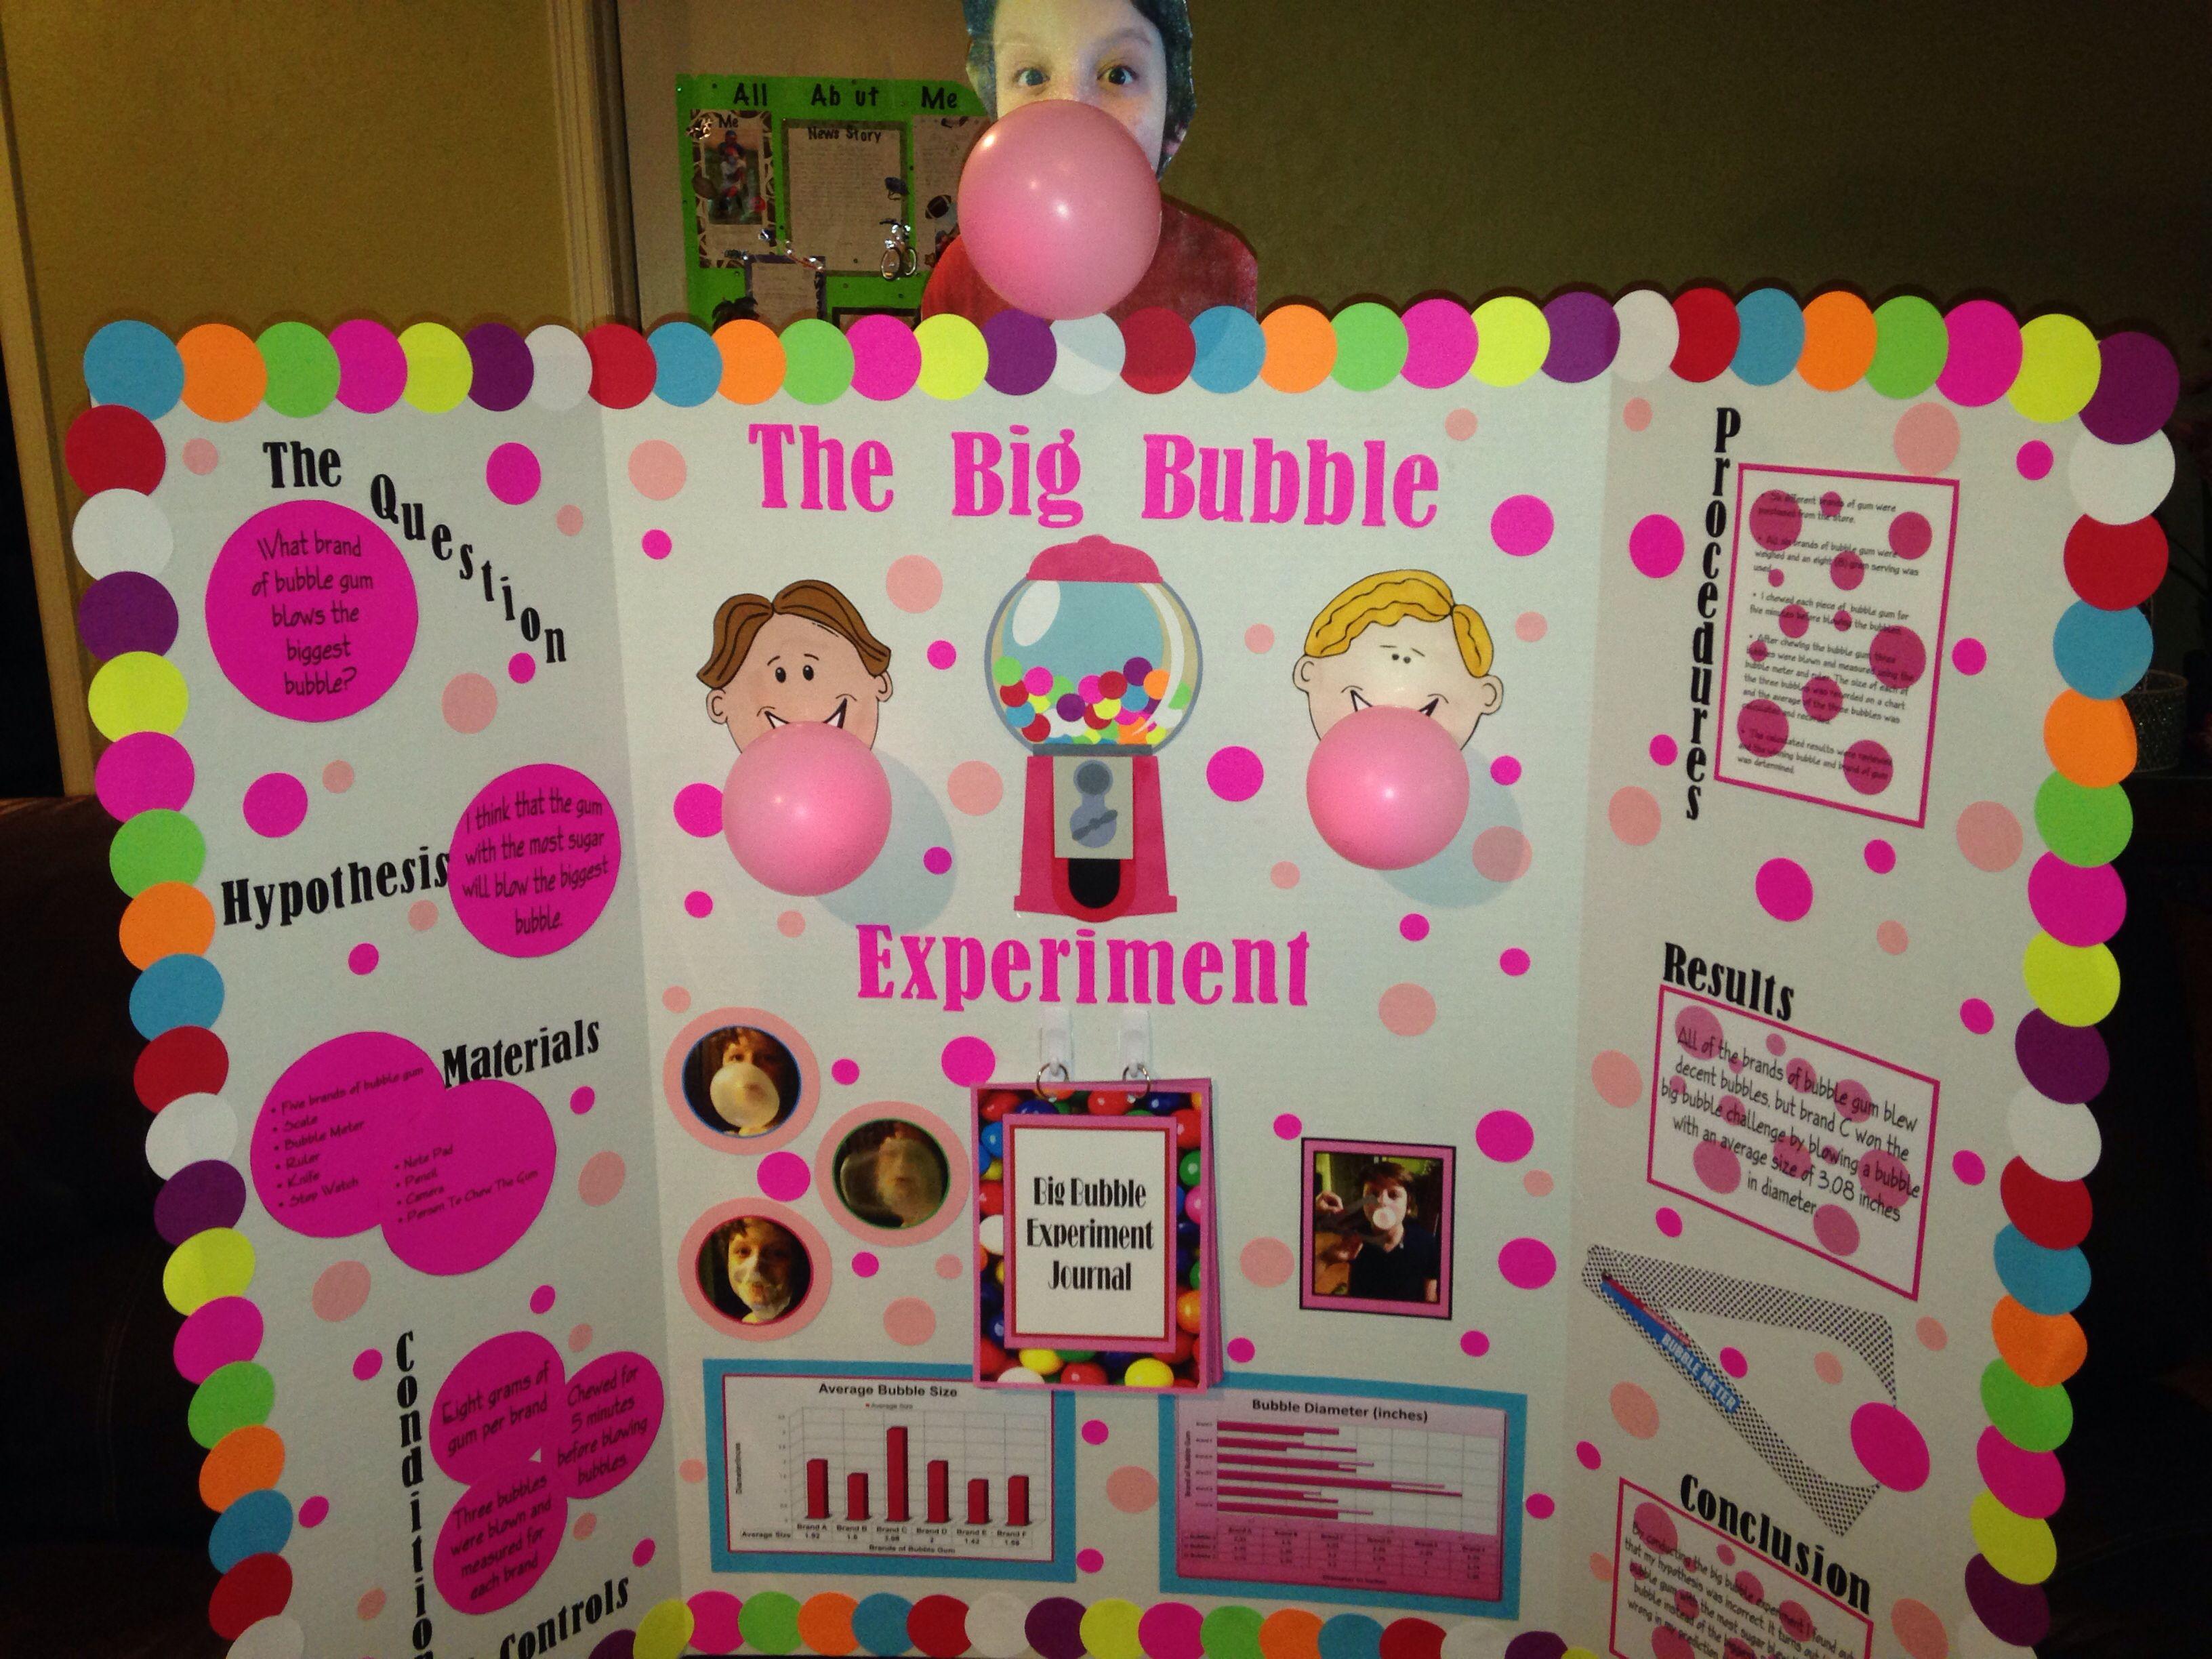 Biggest Bubble Science Fair Project